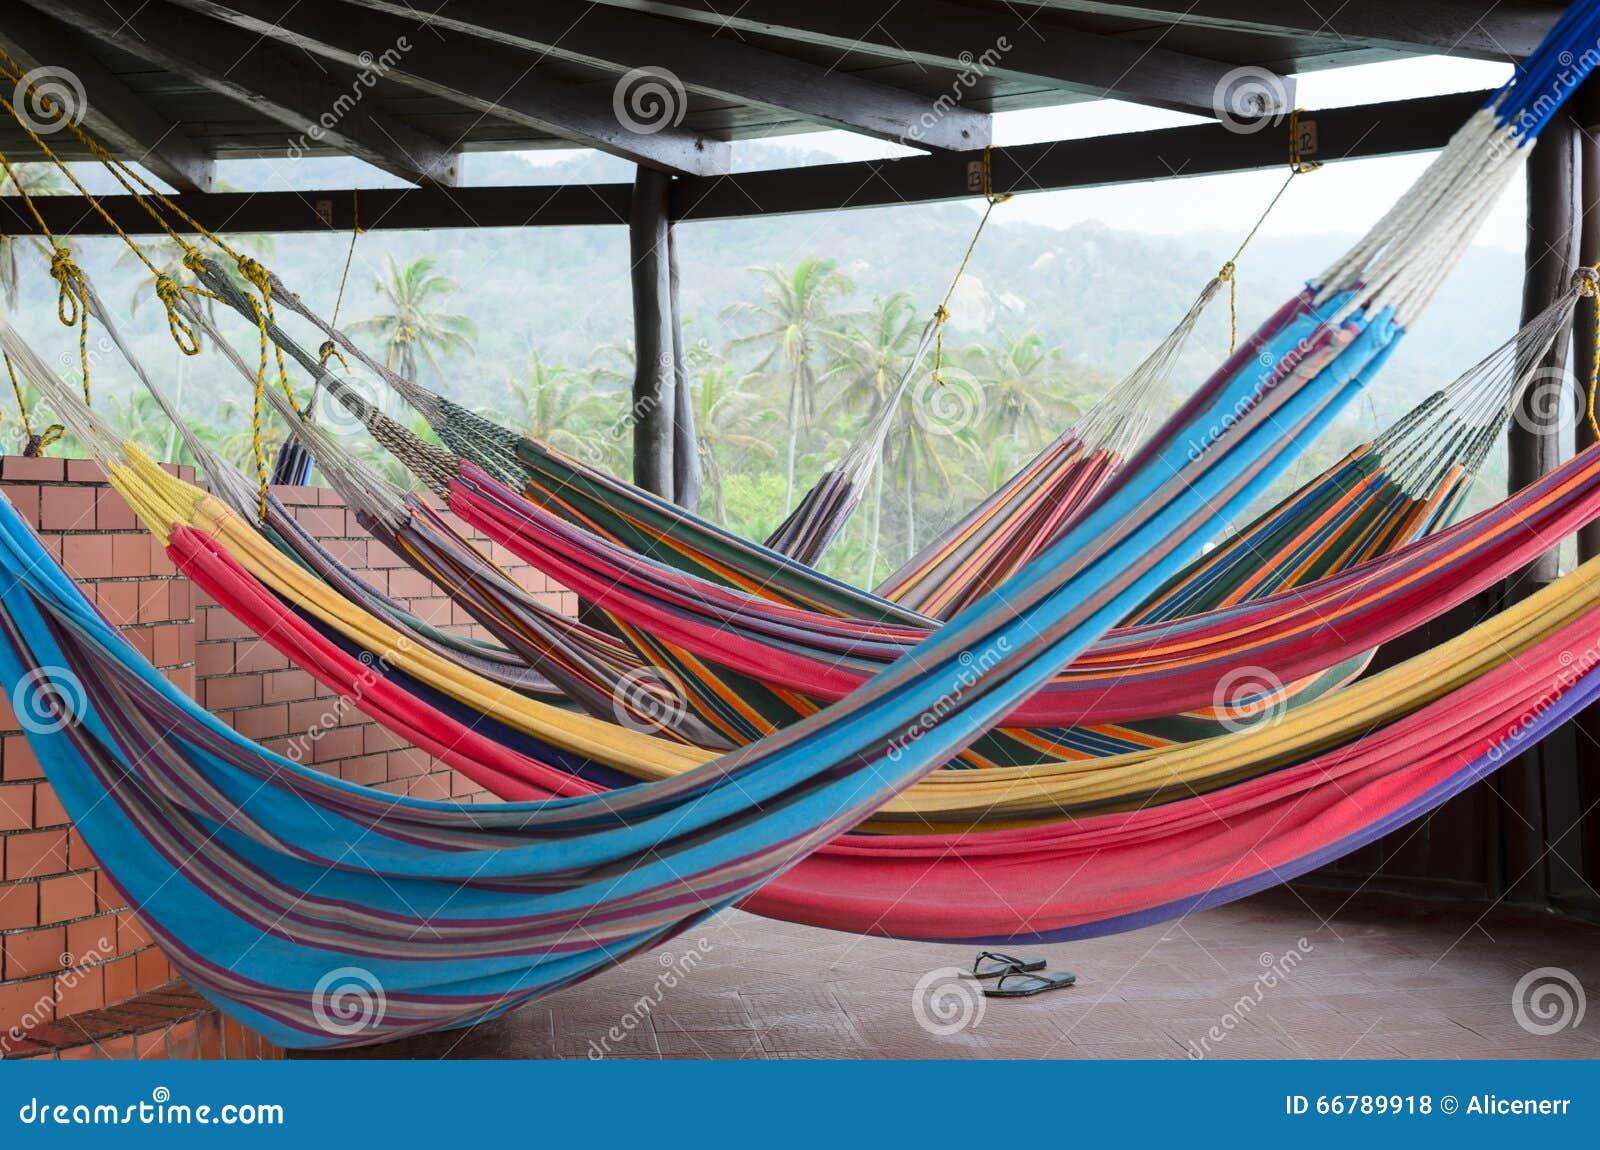 Kolorowi hamaki wiesza pod dachem w tropikalnym raju